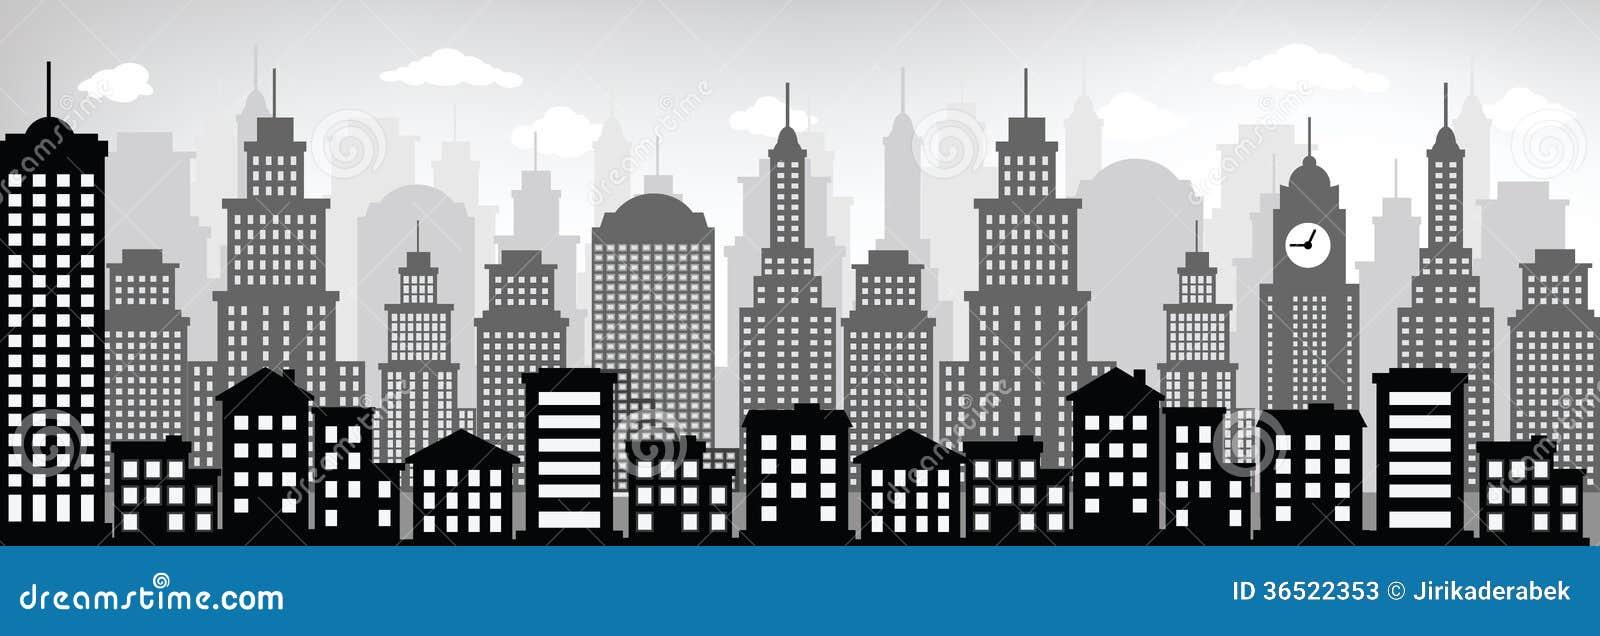 Cityscape (black & White) Stock Photos